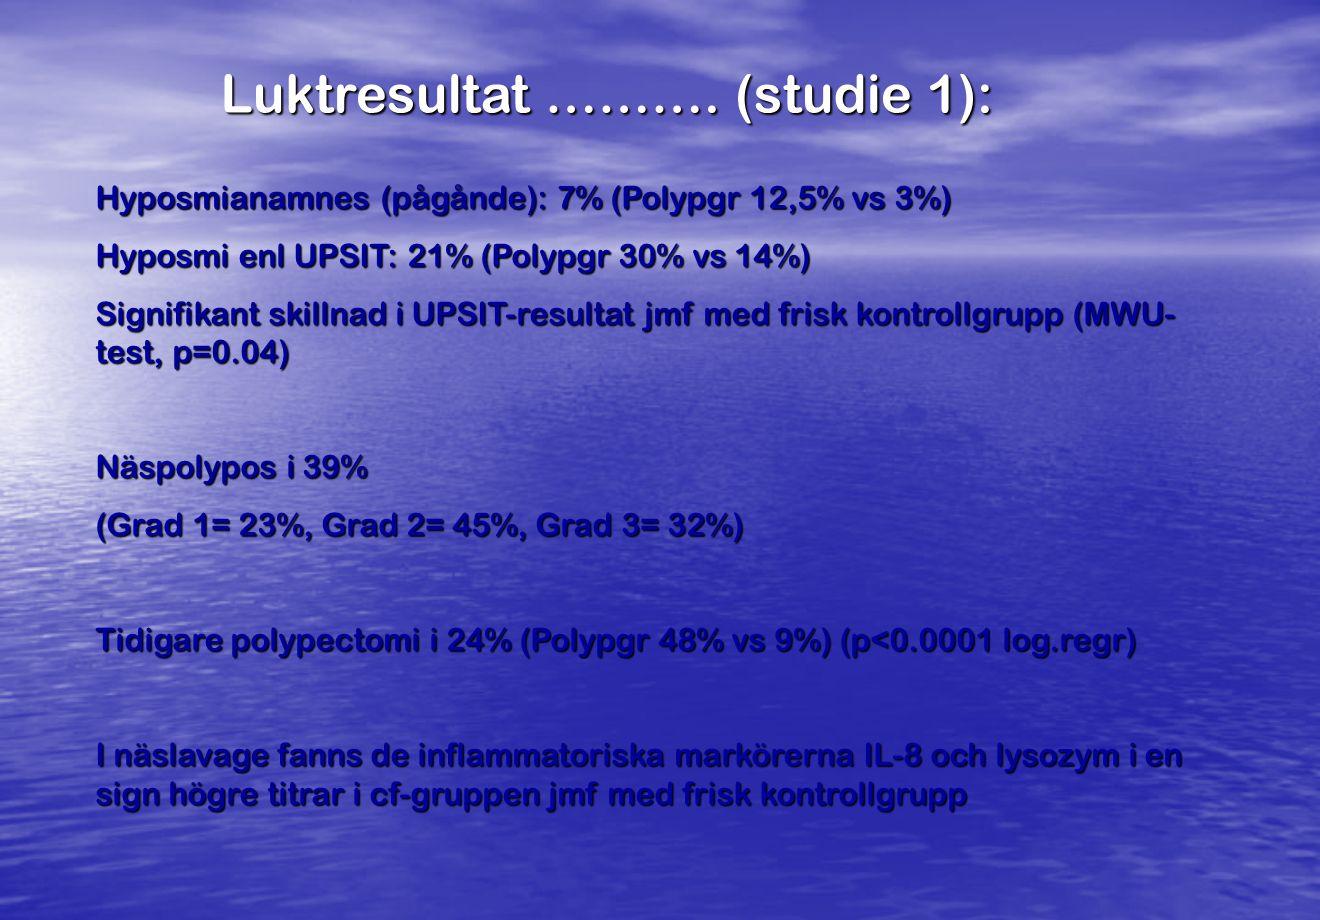 Luktresultat ………. (studie 1):